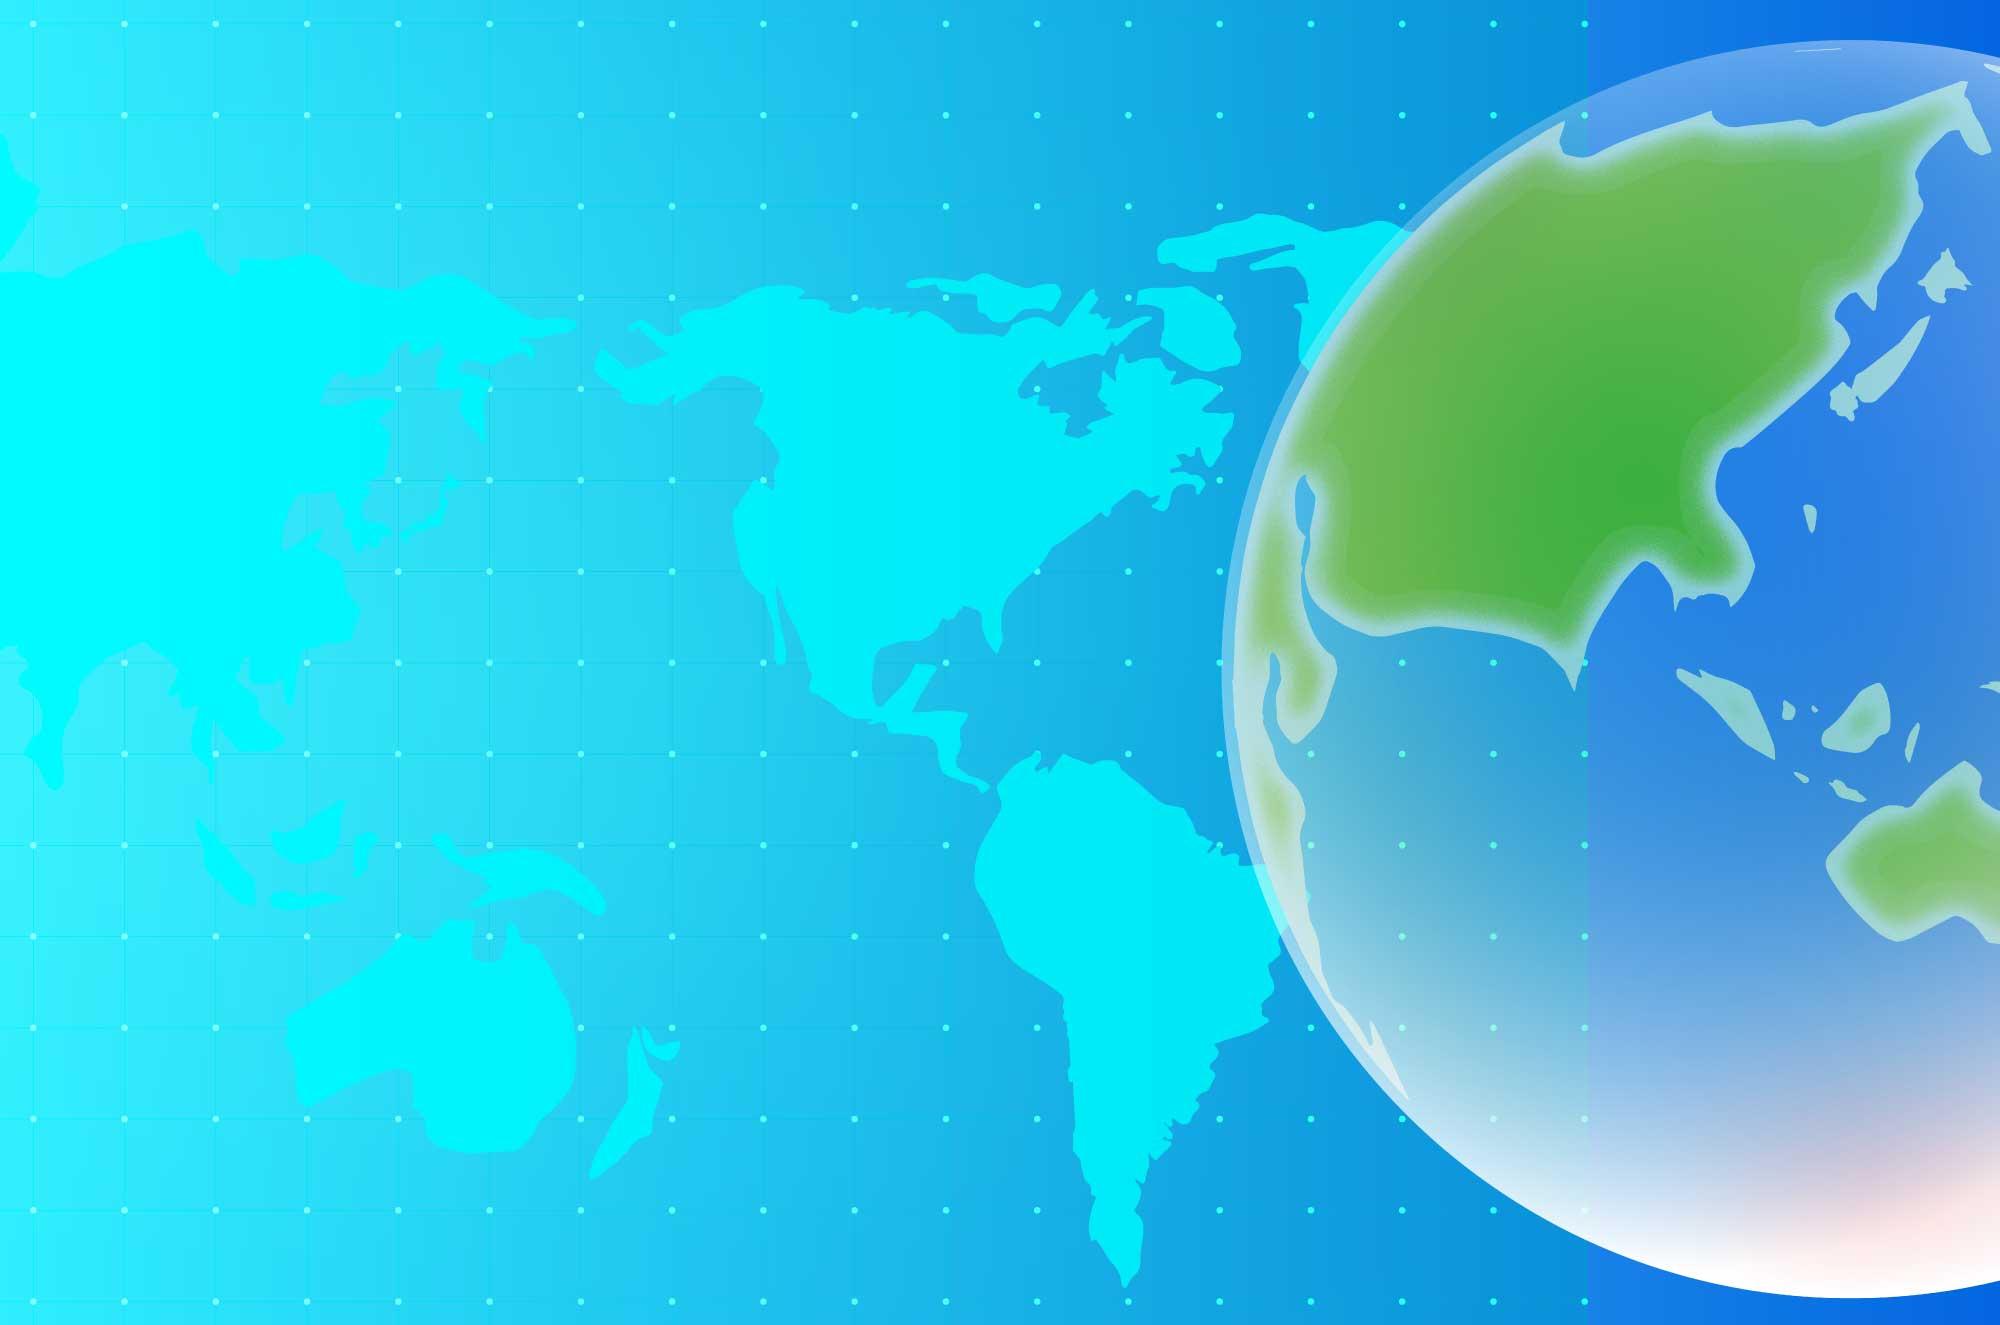 世界地図の-フリーイラスト - 地図・マップ素材